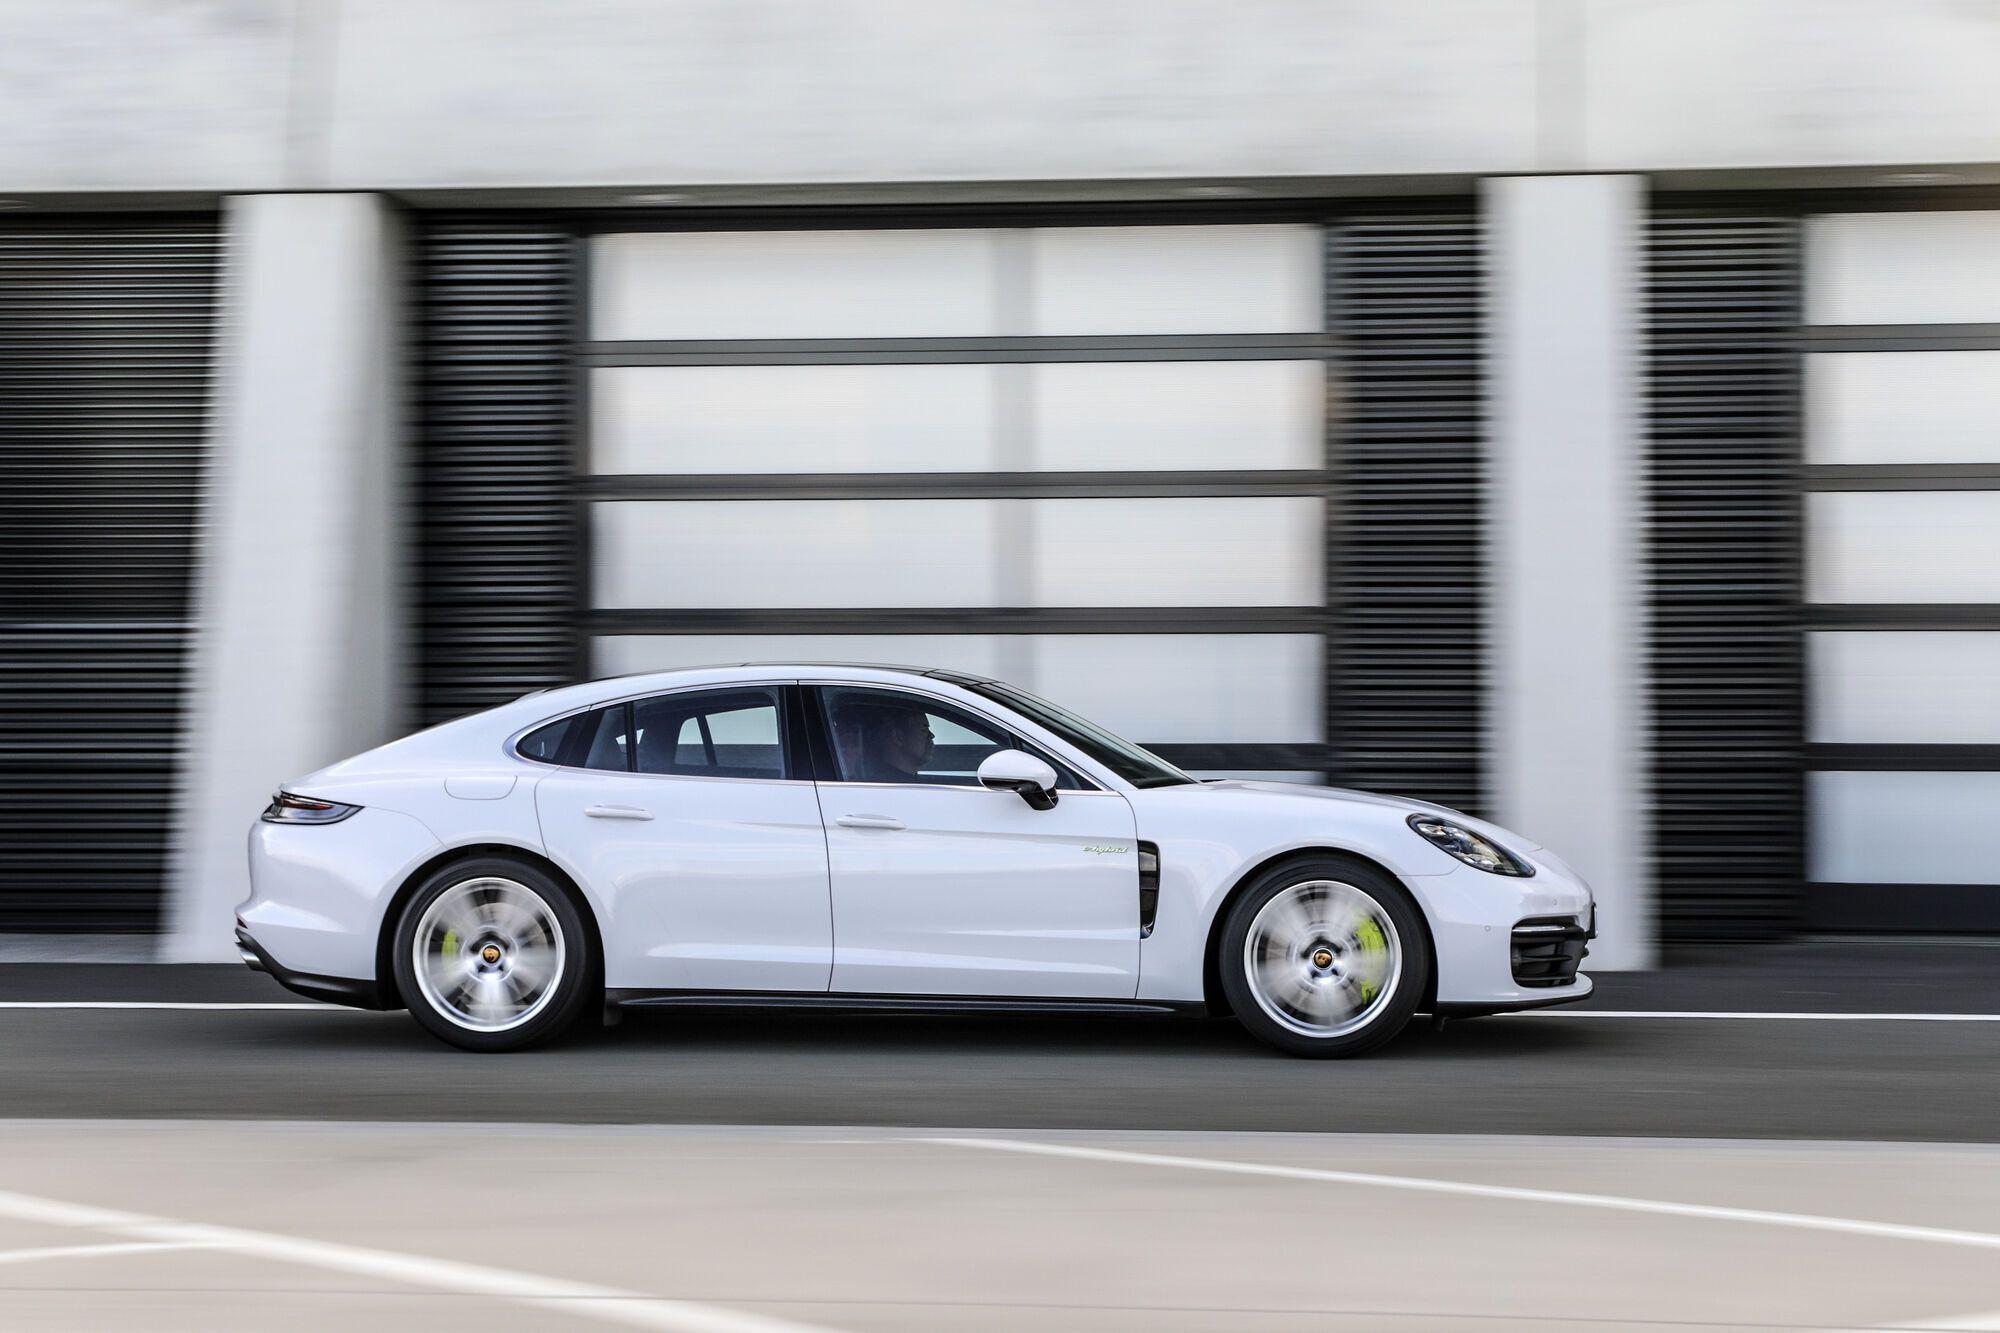 2021 Porsche Panamera 4S E-Hybrid. фото: